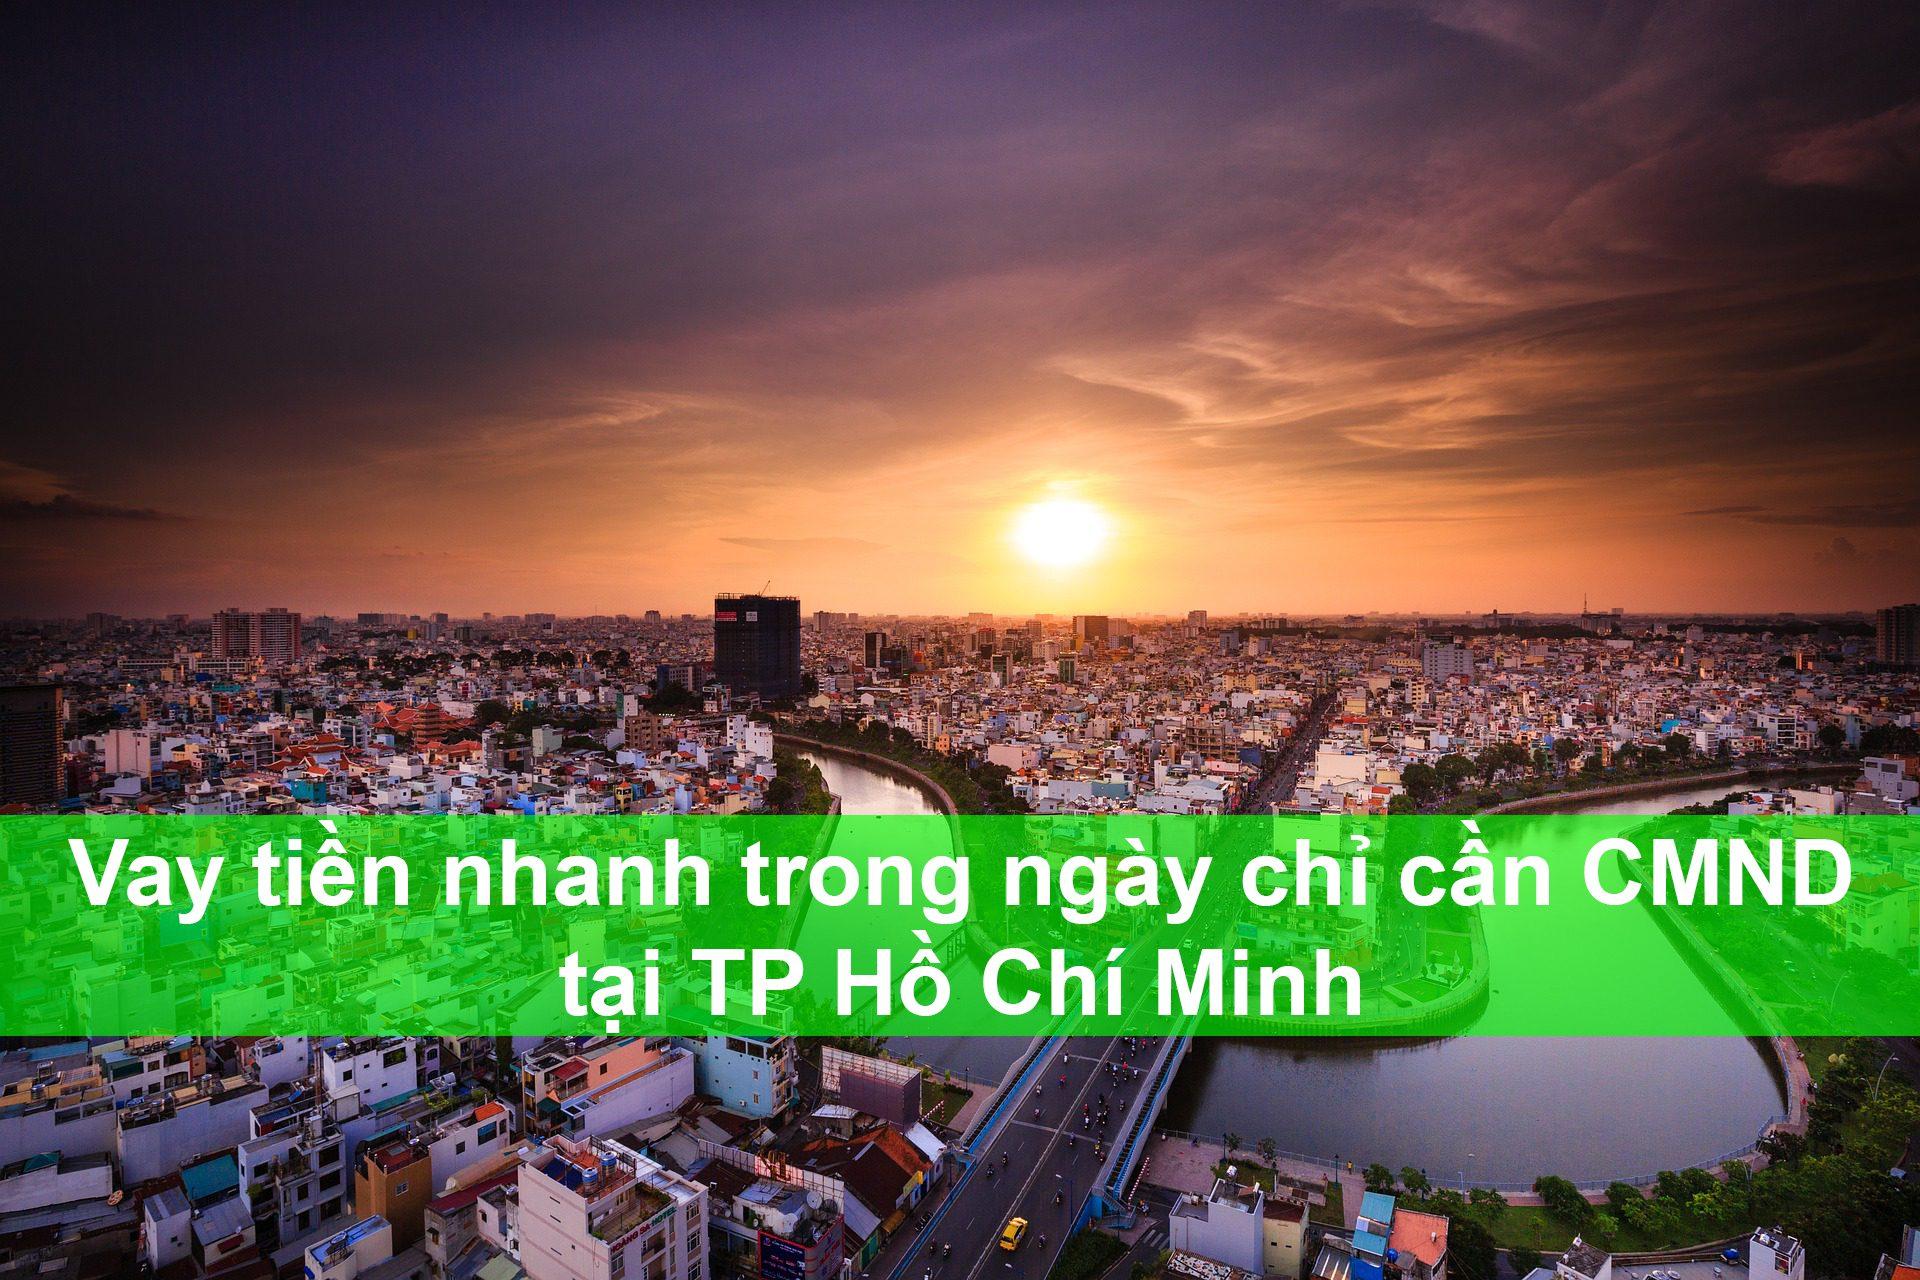 Vay tiền nhanh trong ngày tại TpHCM chỉ cần CMND